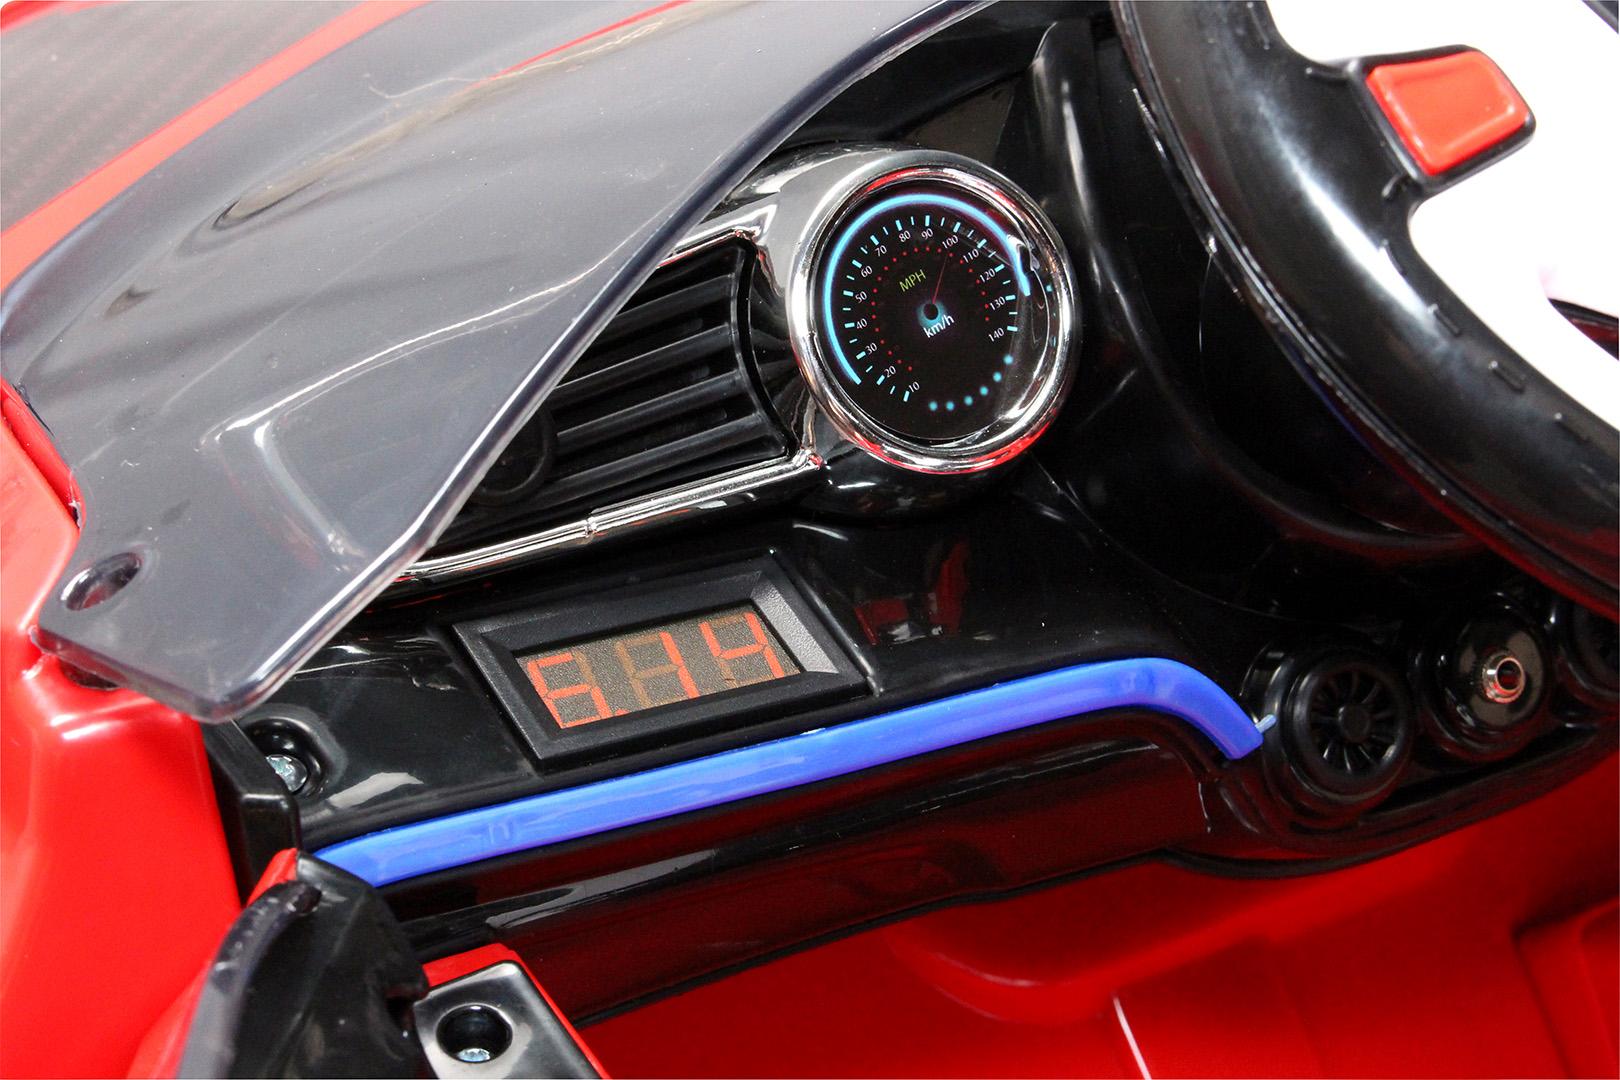 SPYDER 12V AUDI  2 X 12V 2X HITROST DALJINSKI OPRAVLJALEC MP3